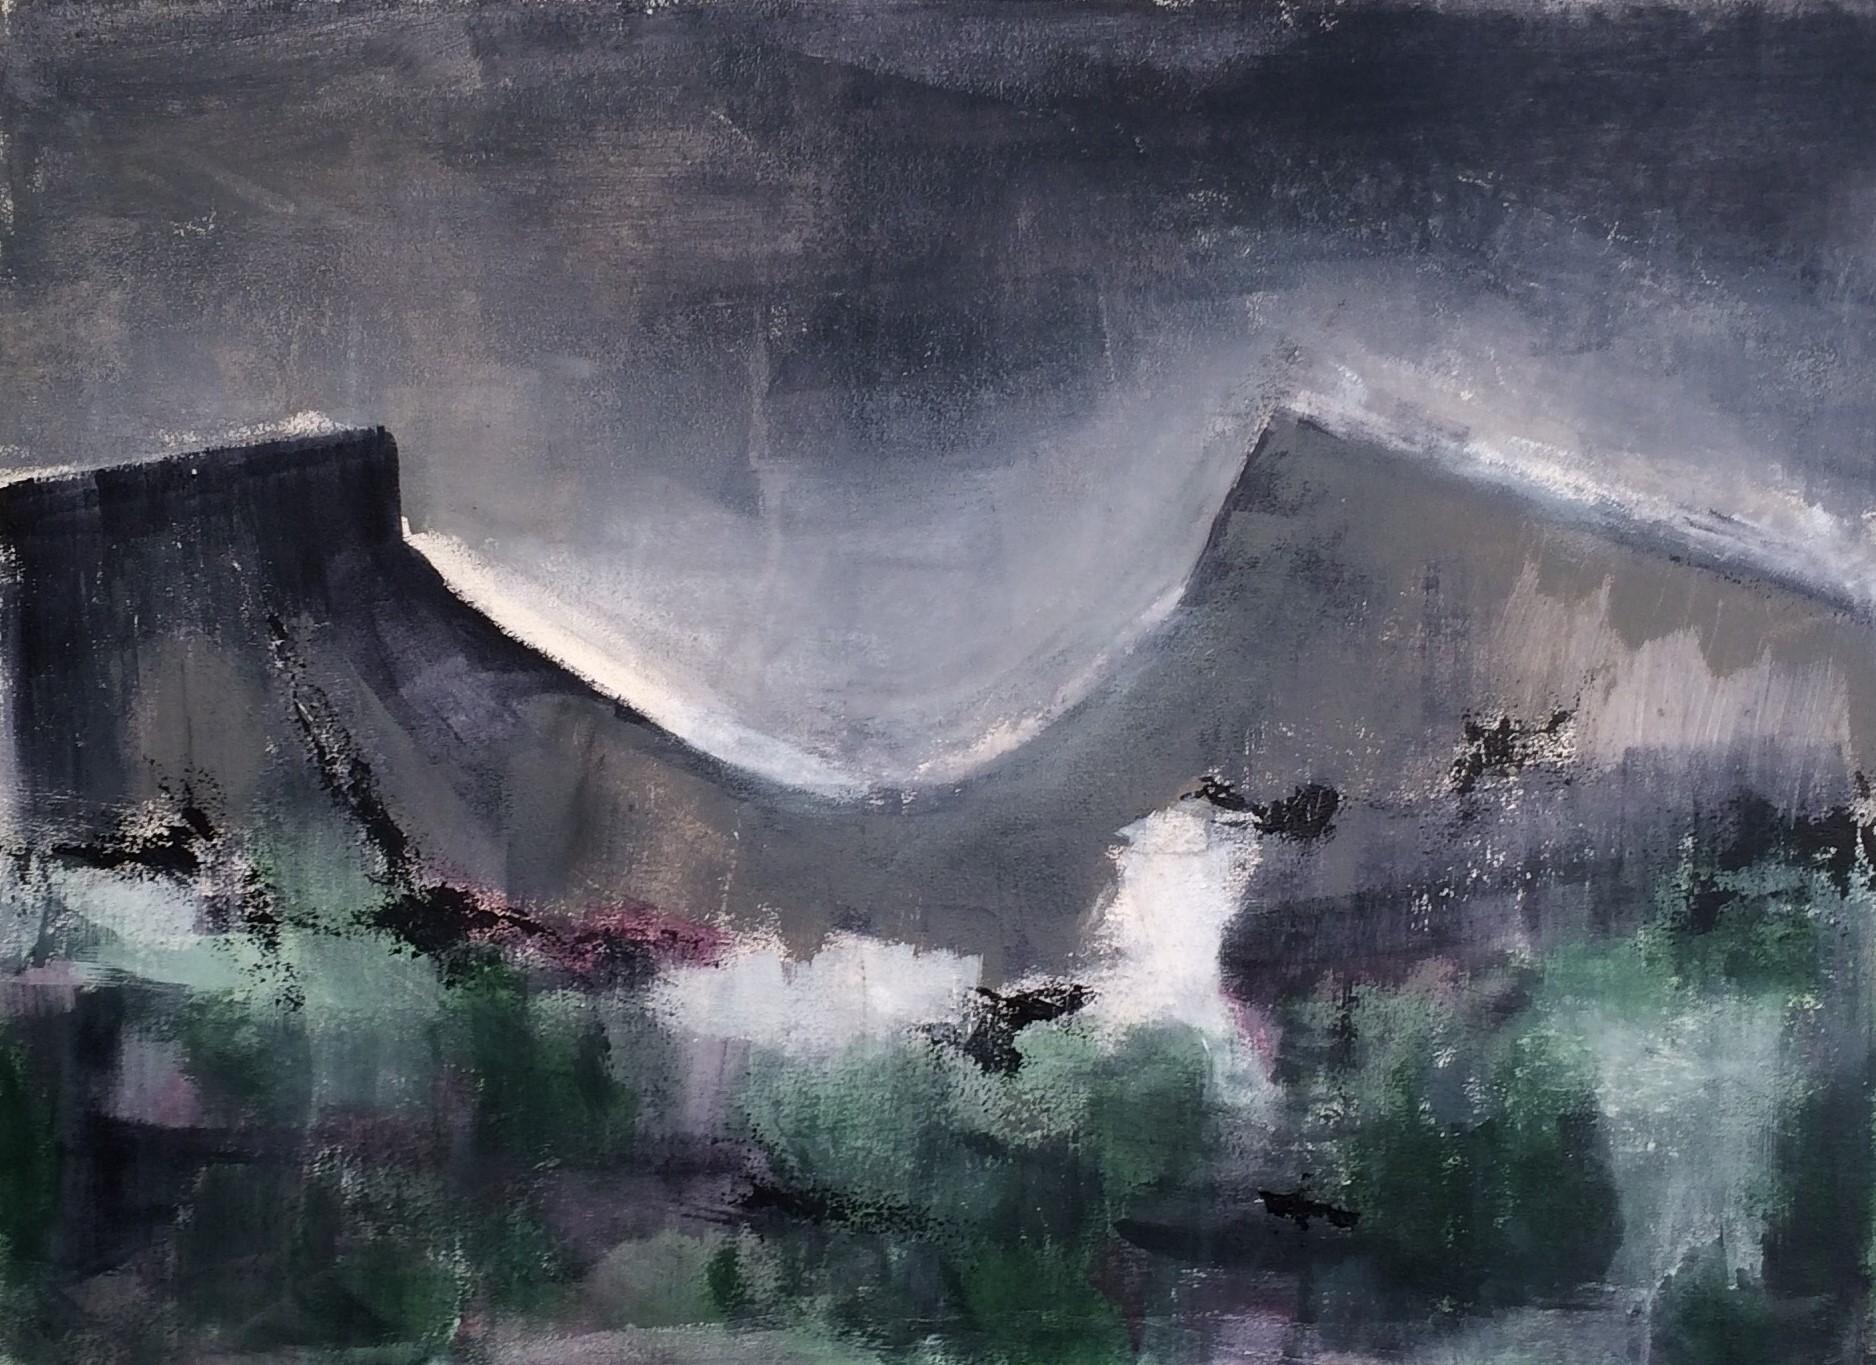 N°3193 - Pic Saint-Loup - Acrylique sur toile - 54 x 73 cm - 5 janvier 2017